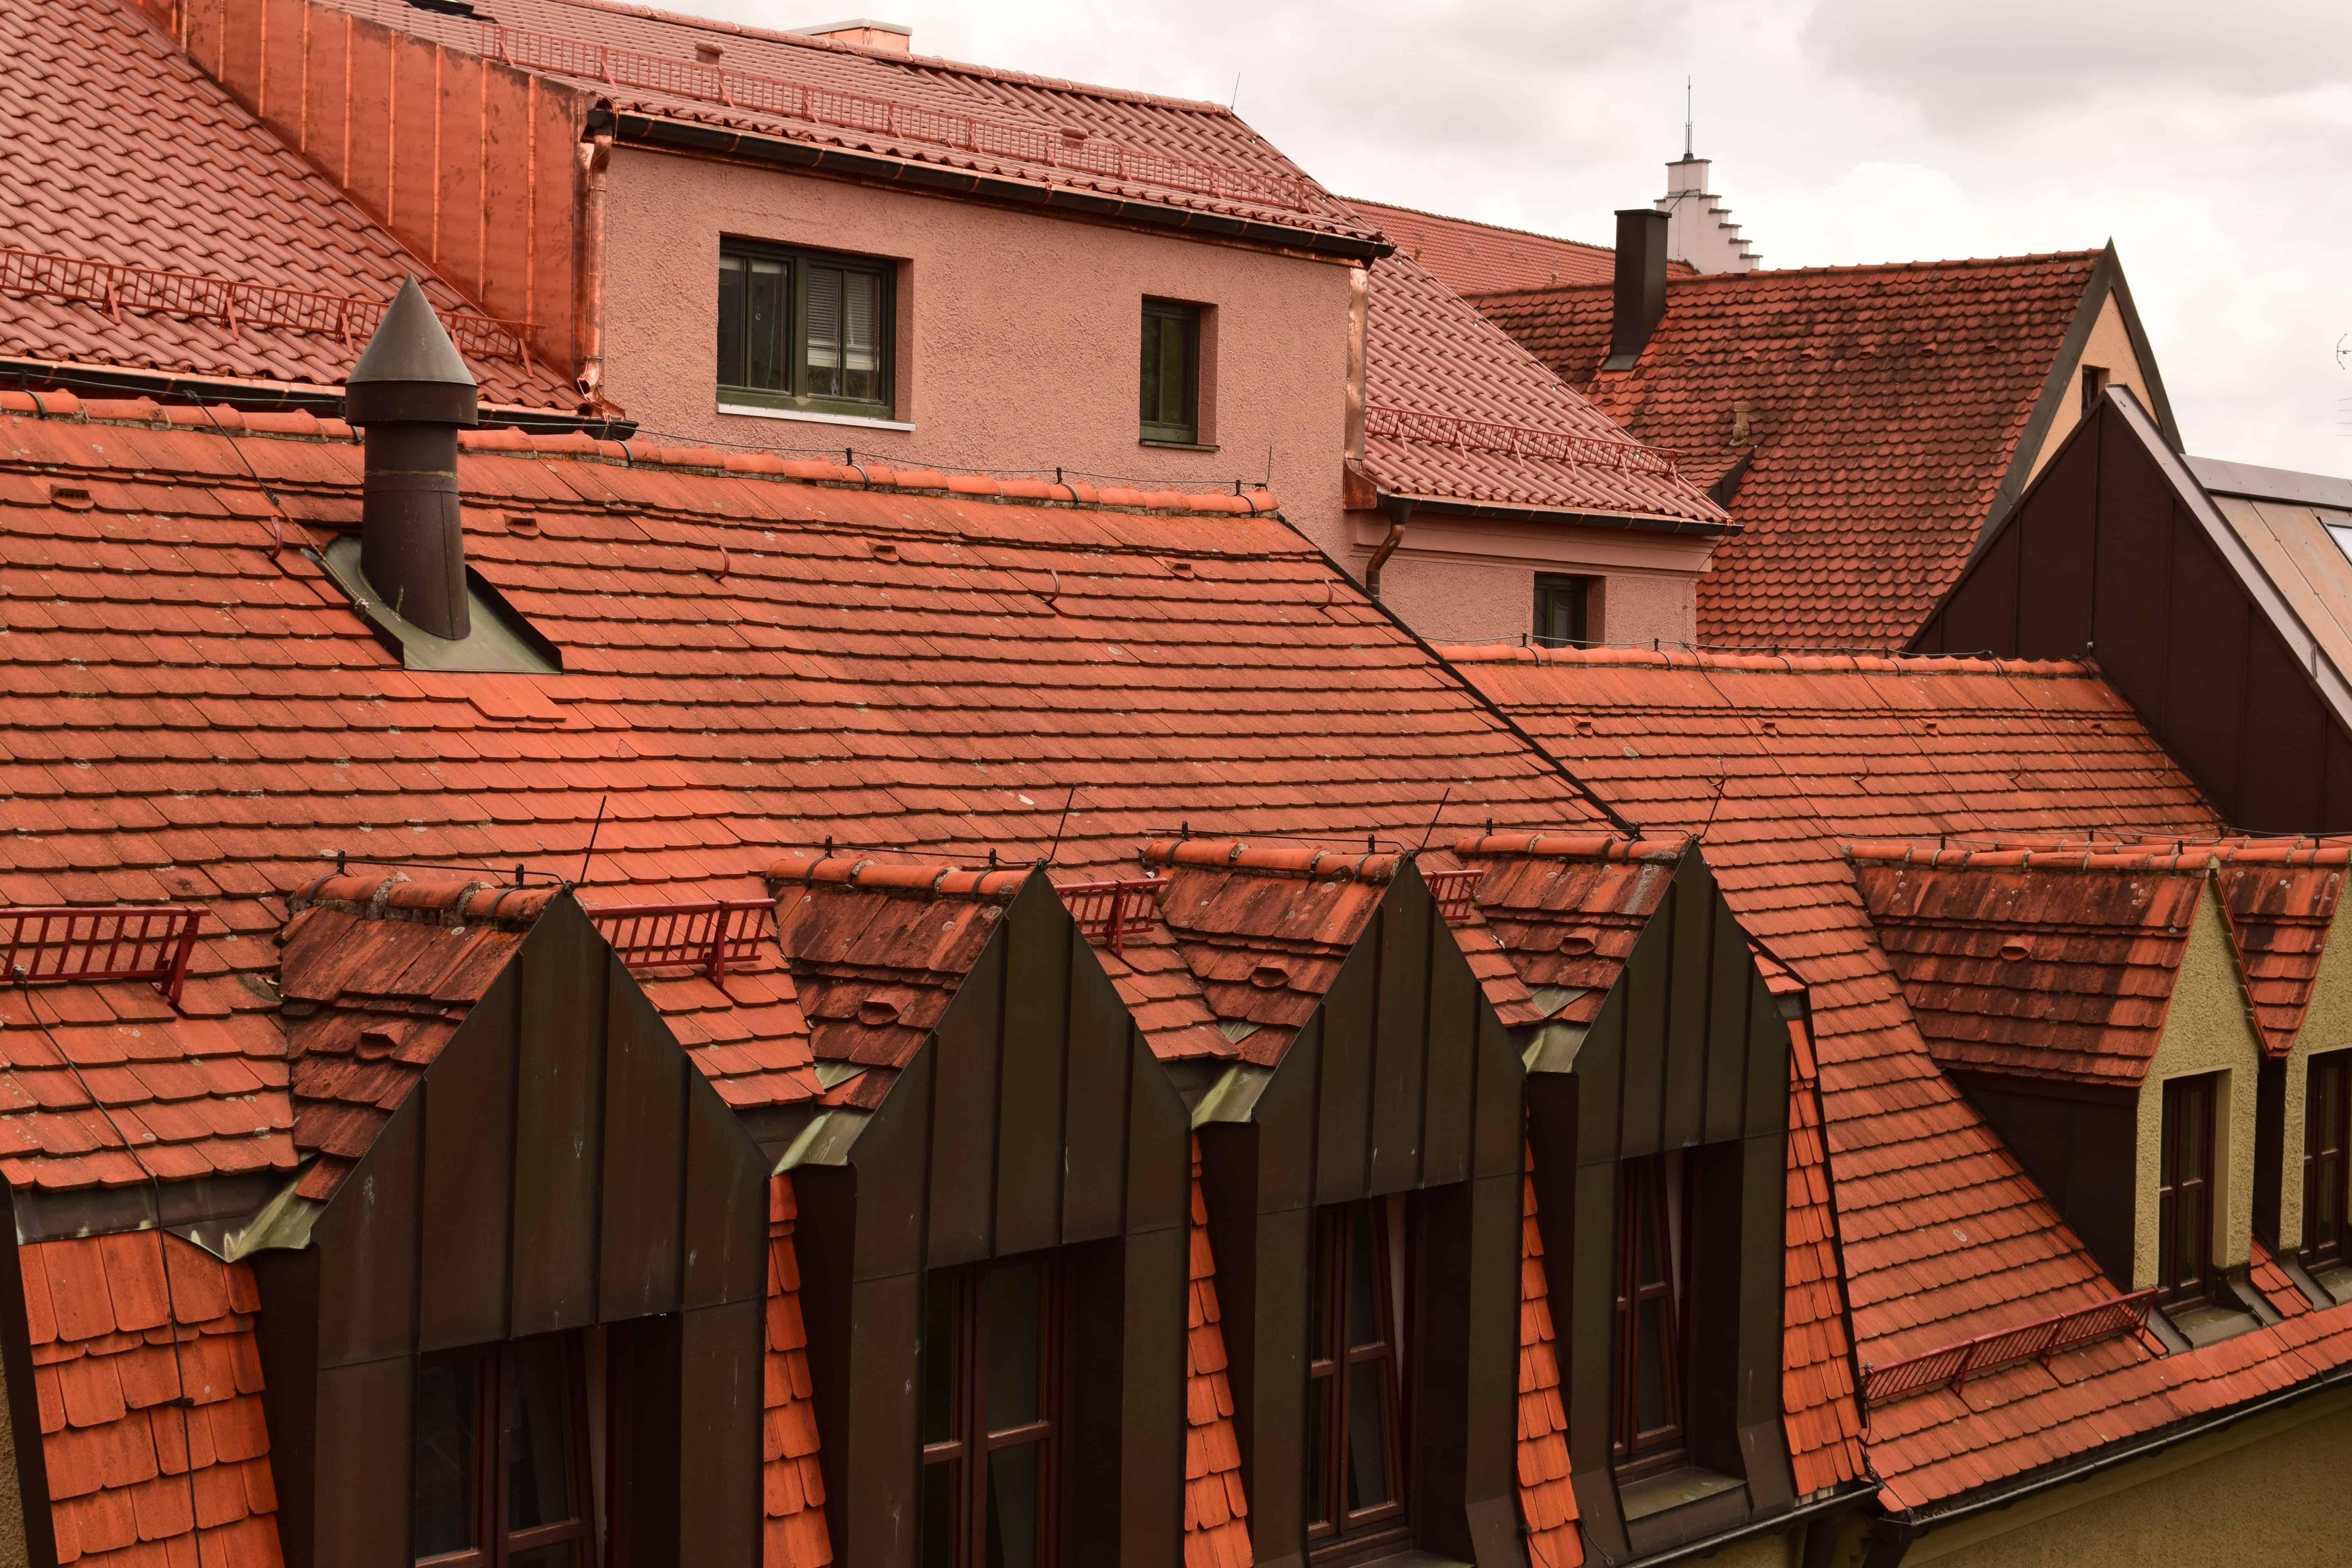 Foto gratis casa vecchio tetto tetto facciata esterna architettura - Facciata esterna casa ...